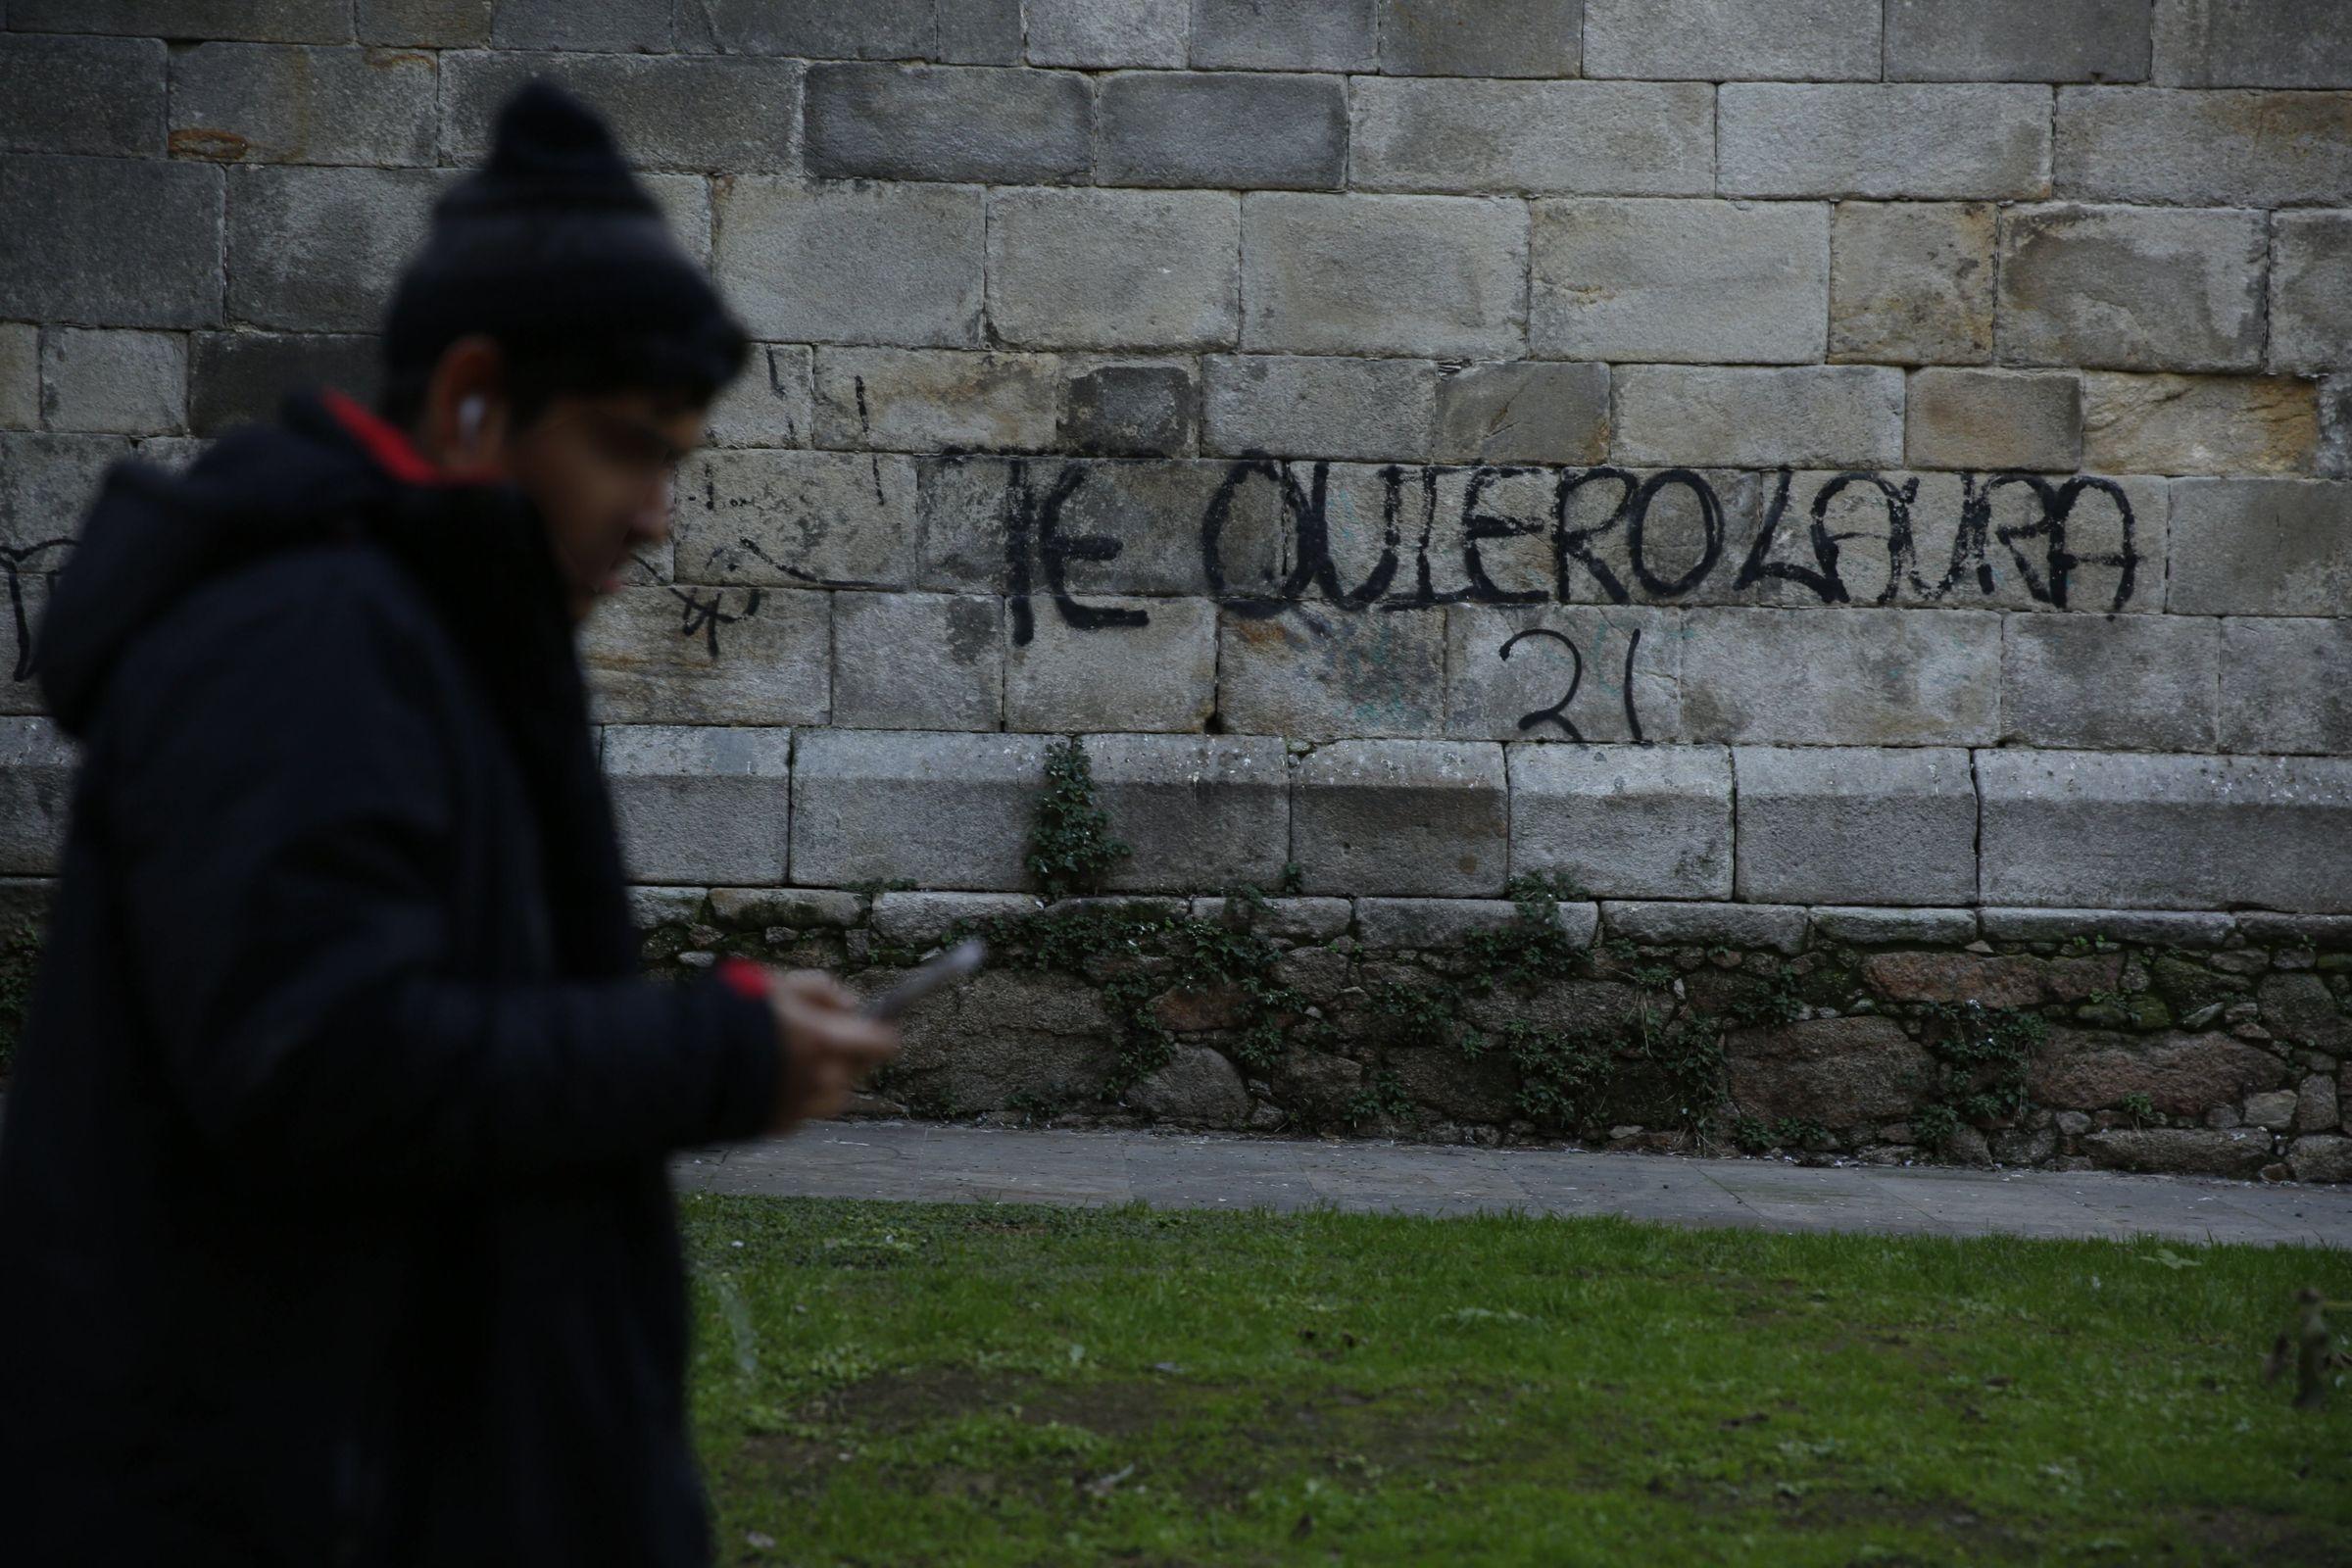 «Te quiero Laura» es la inscripción que puede leerse en una de las paredes de la Casa del Cura, en A Coruña